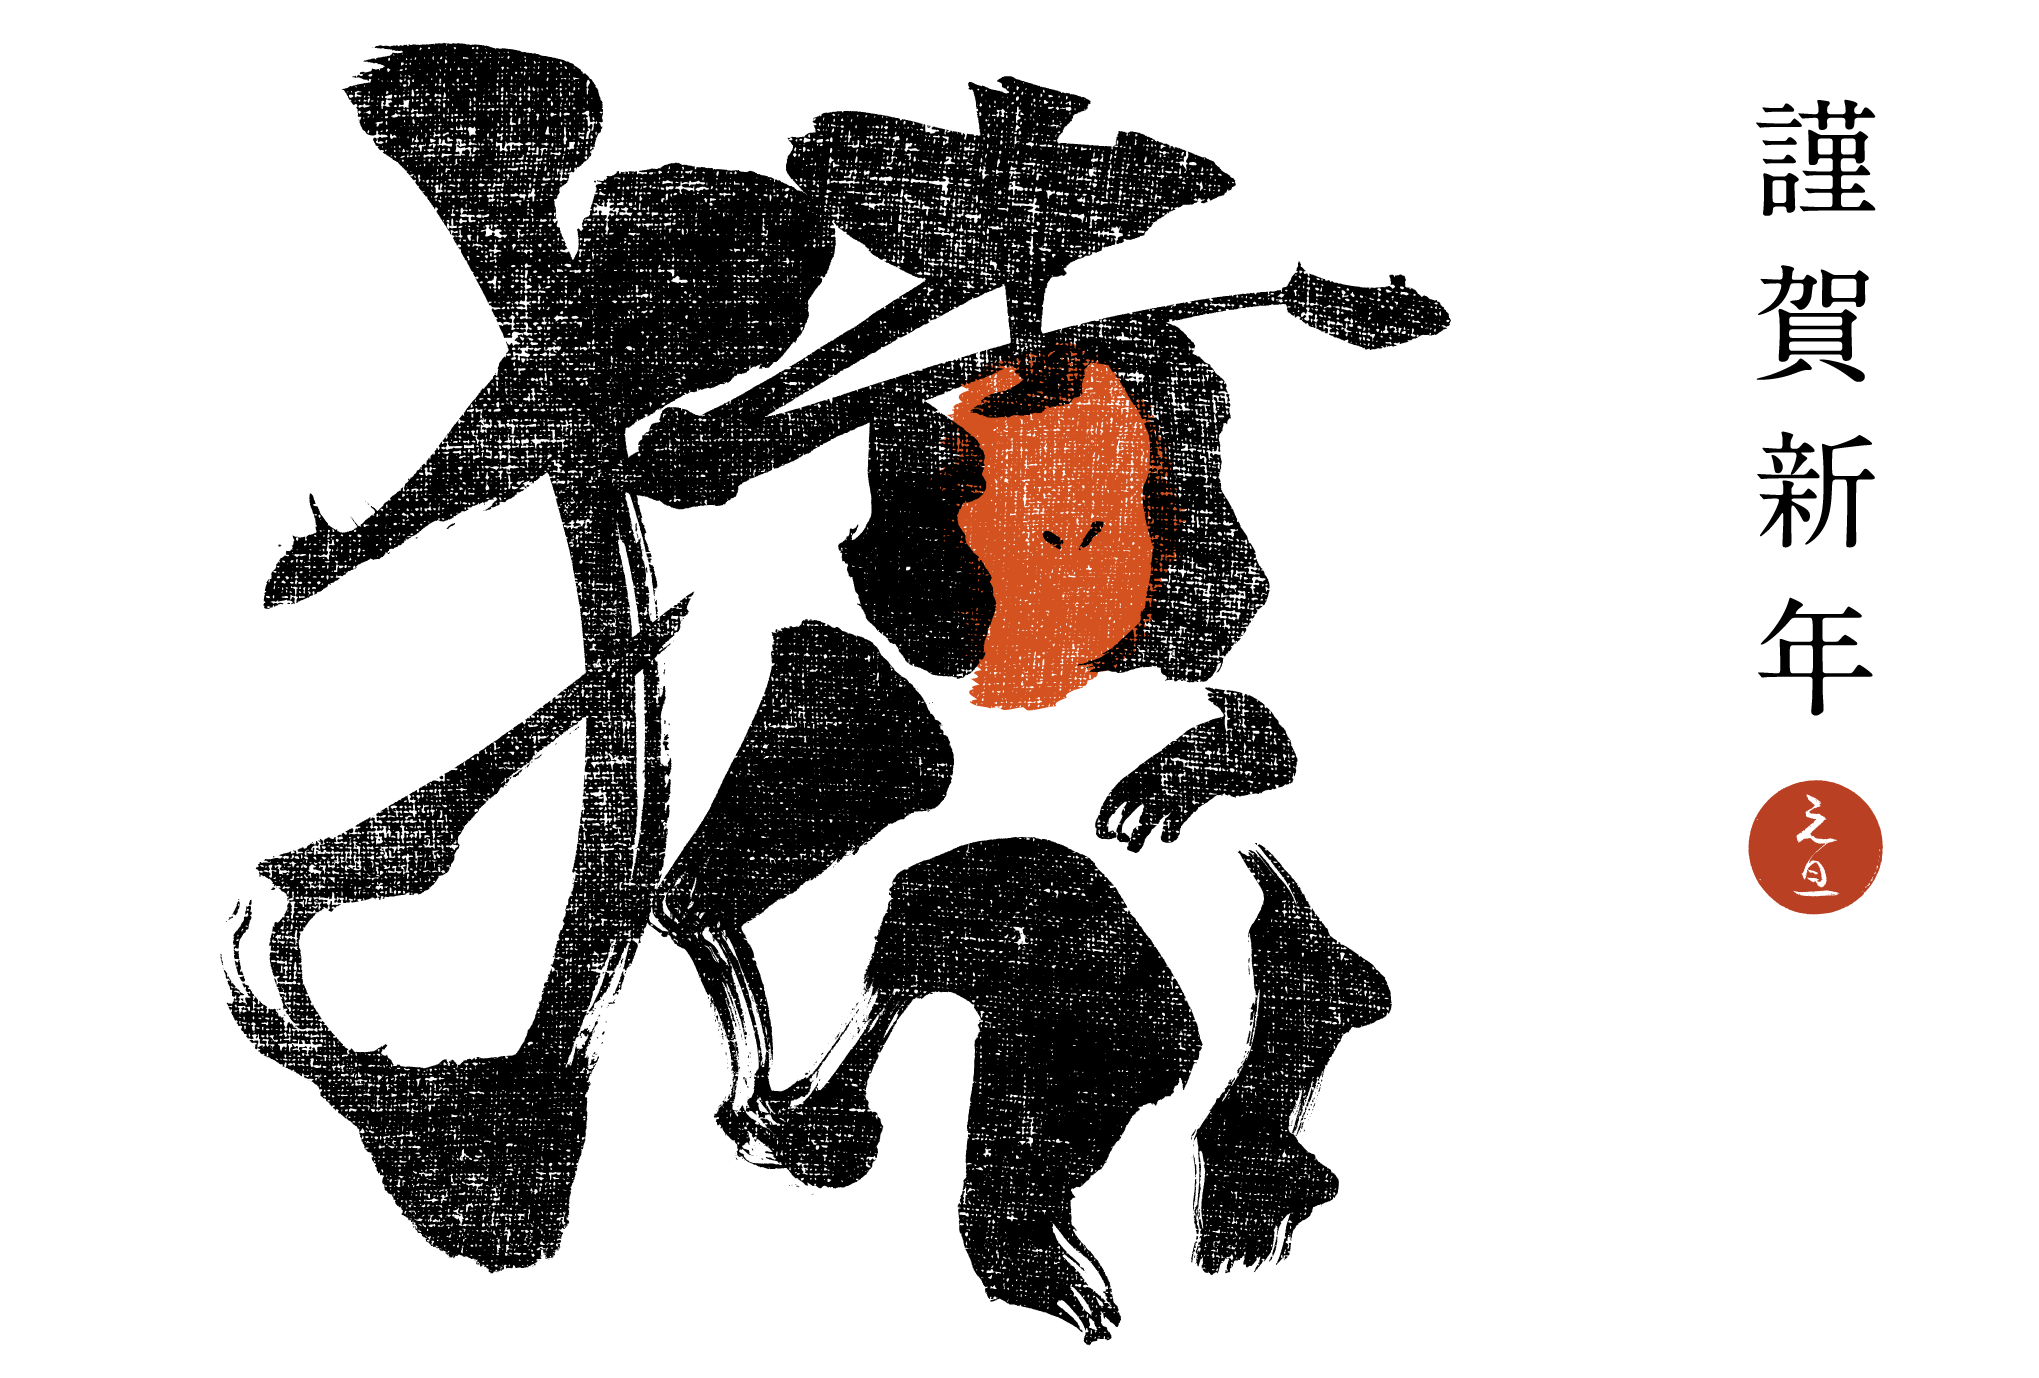 2016年賀状14-2:猿 Calligraphy(謹賀新年)横のダウンロード画像